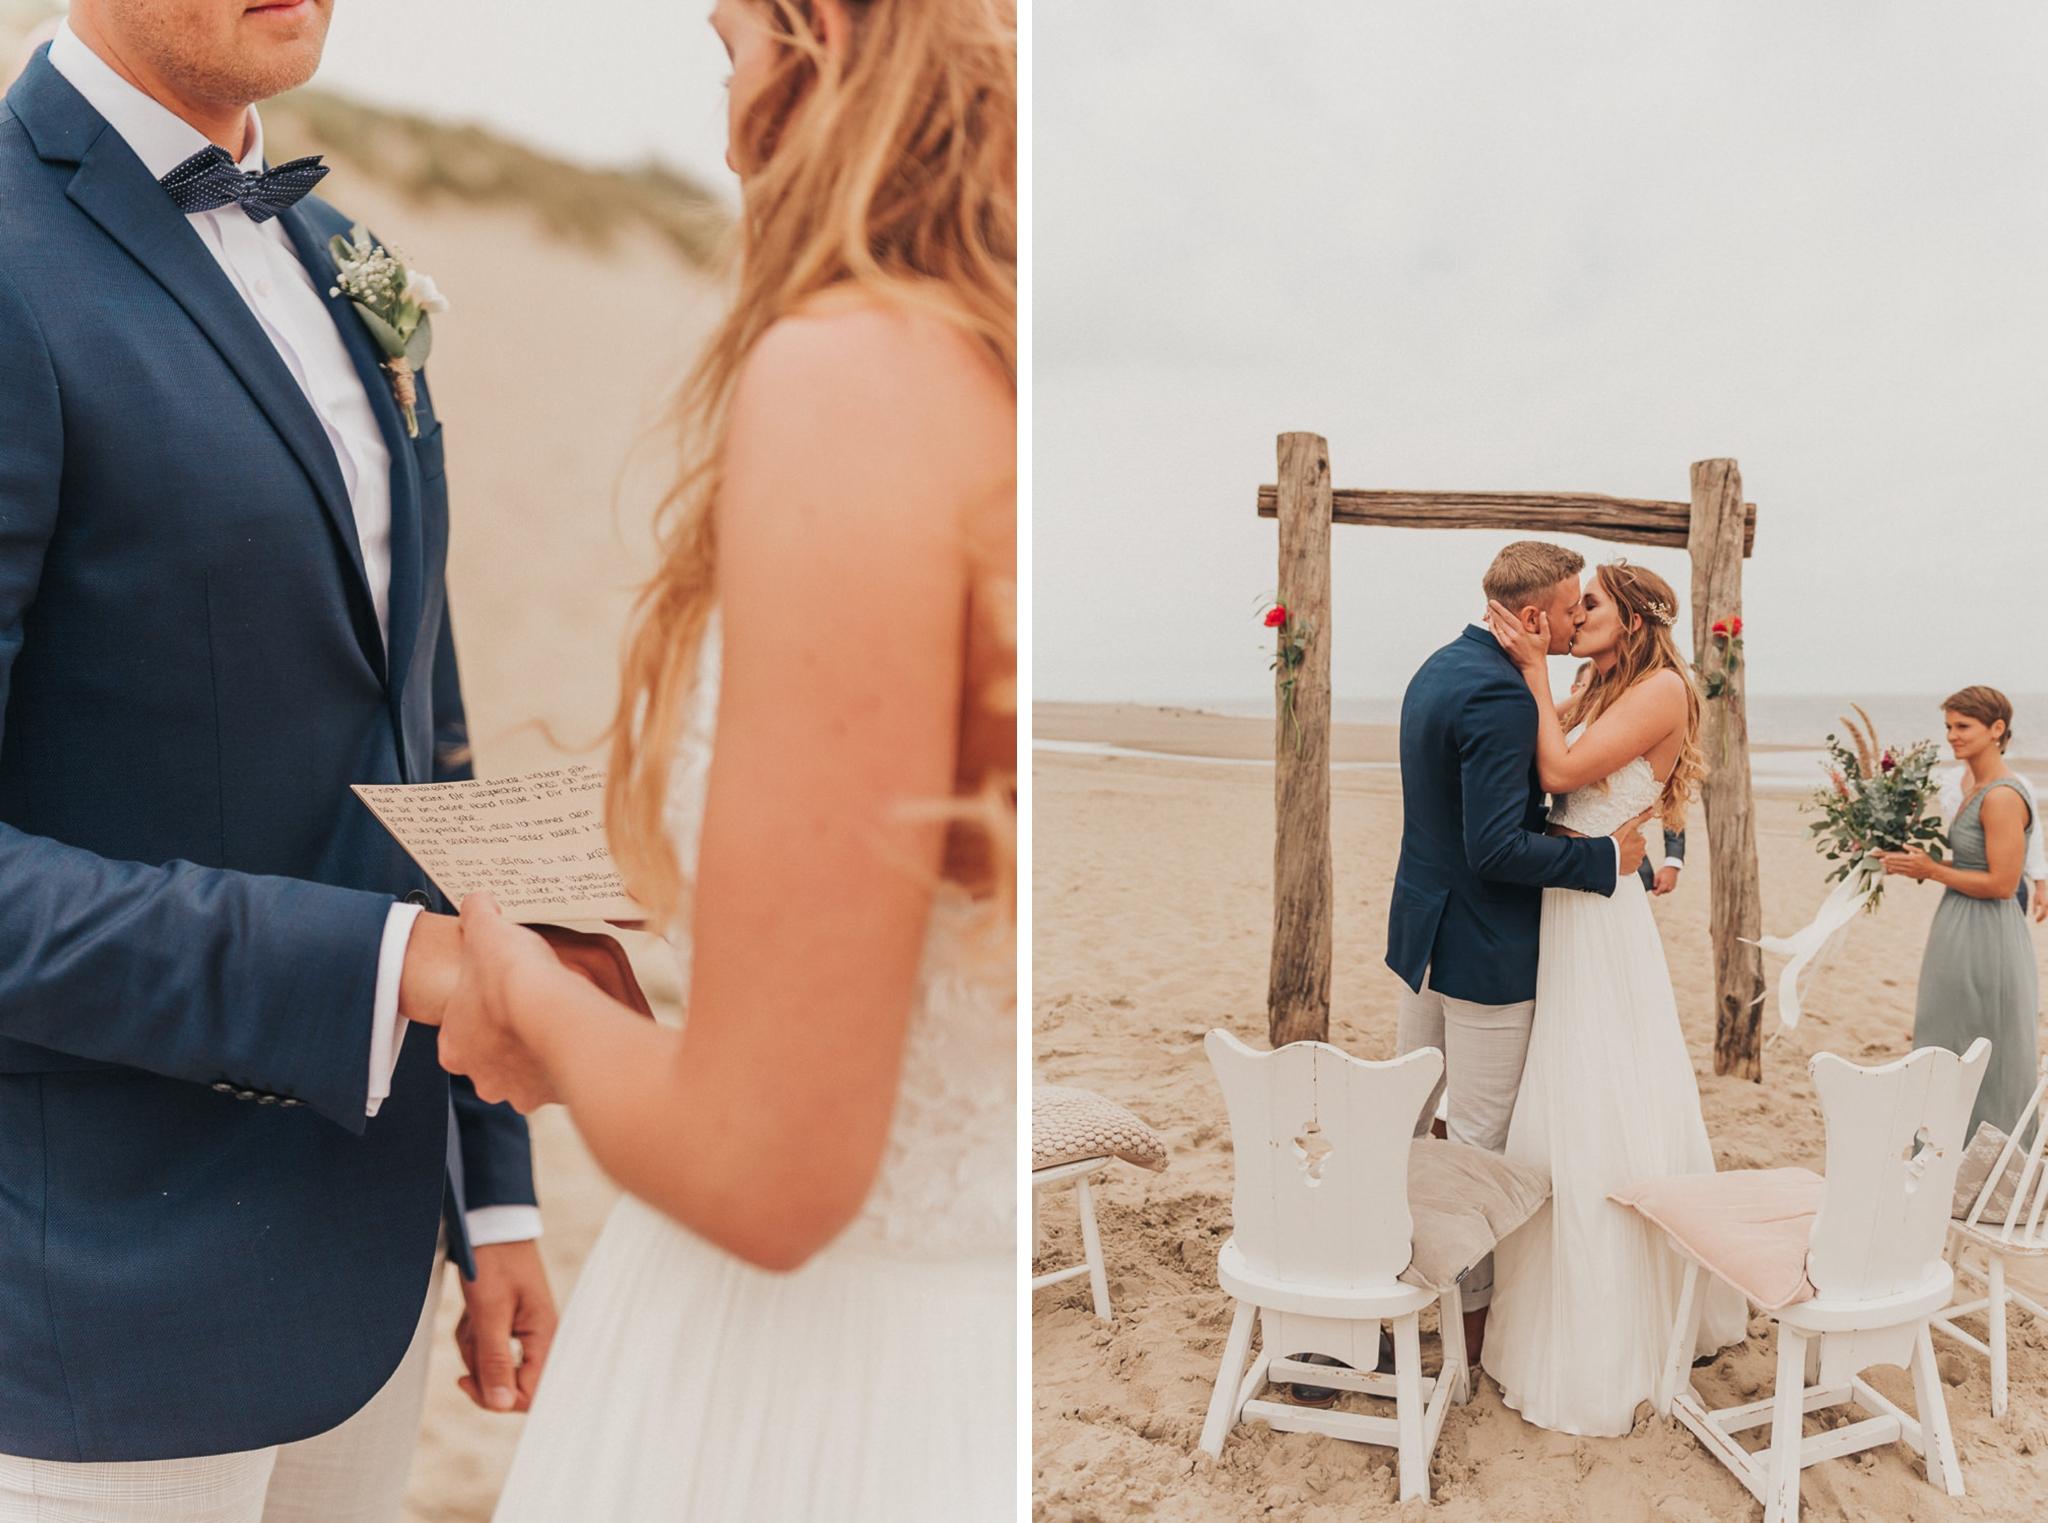 Strandhochzeit Niederlande, Strandhochzeit Holland, Hochzeitsfotograf